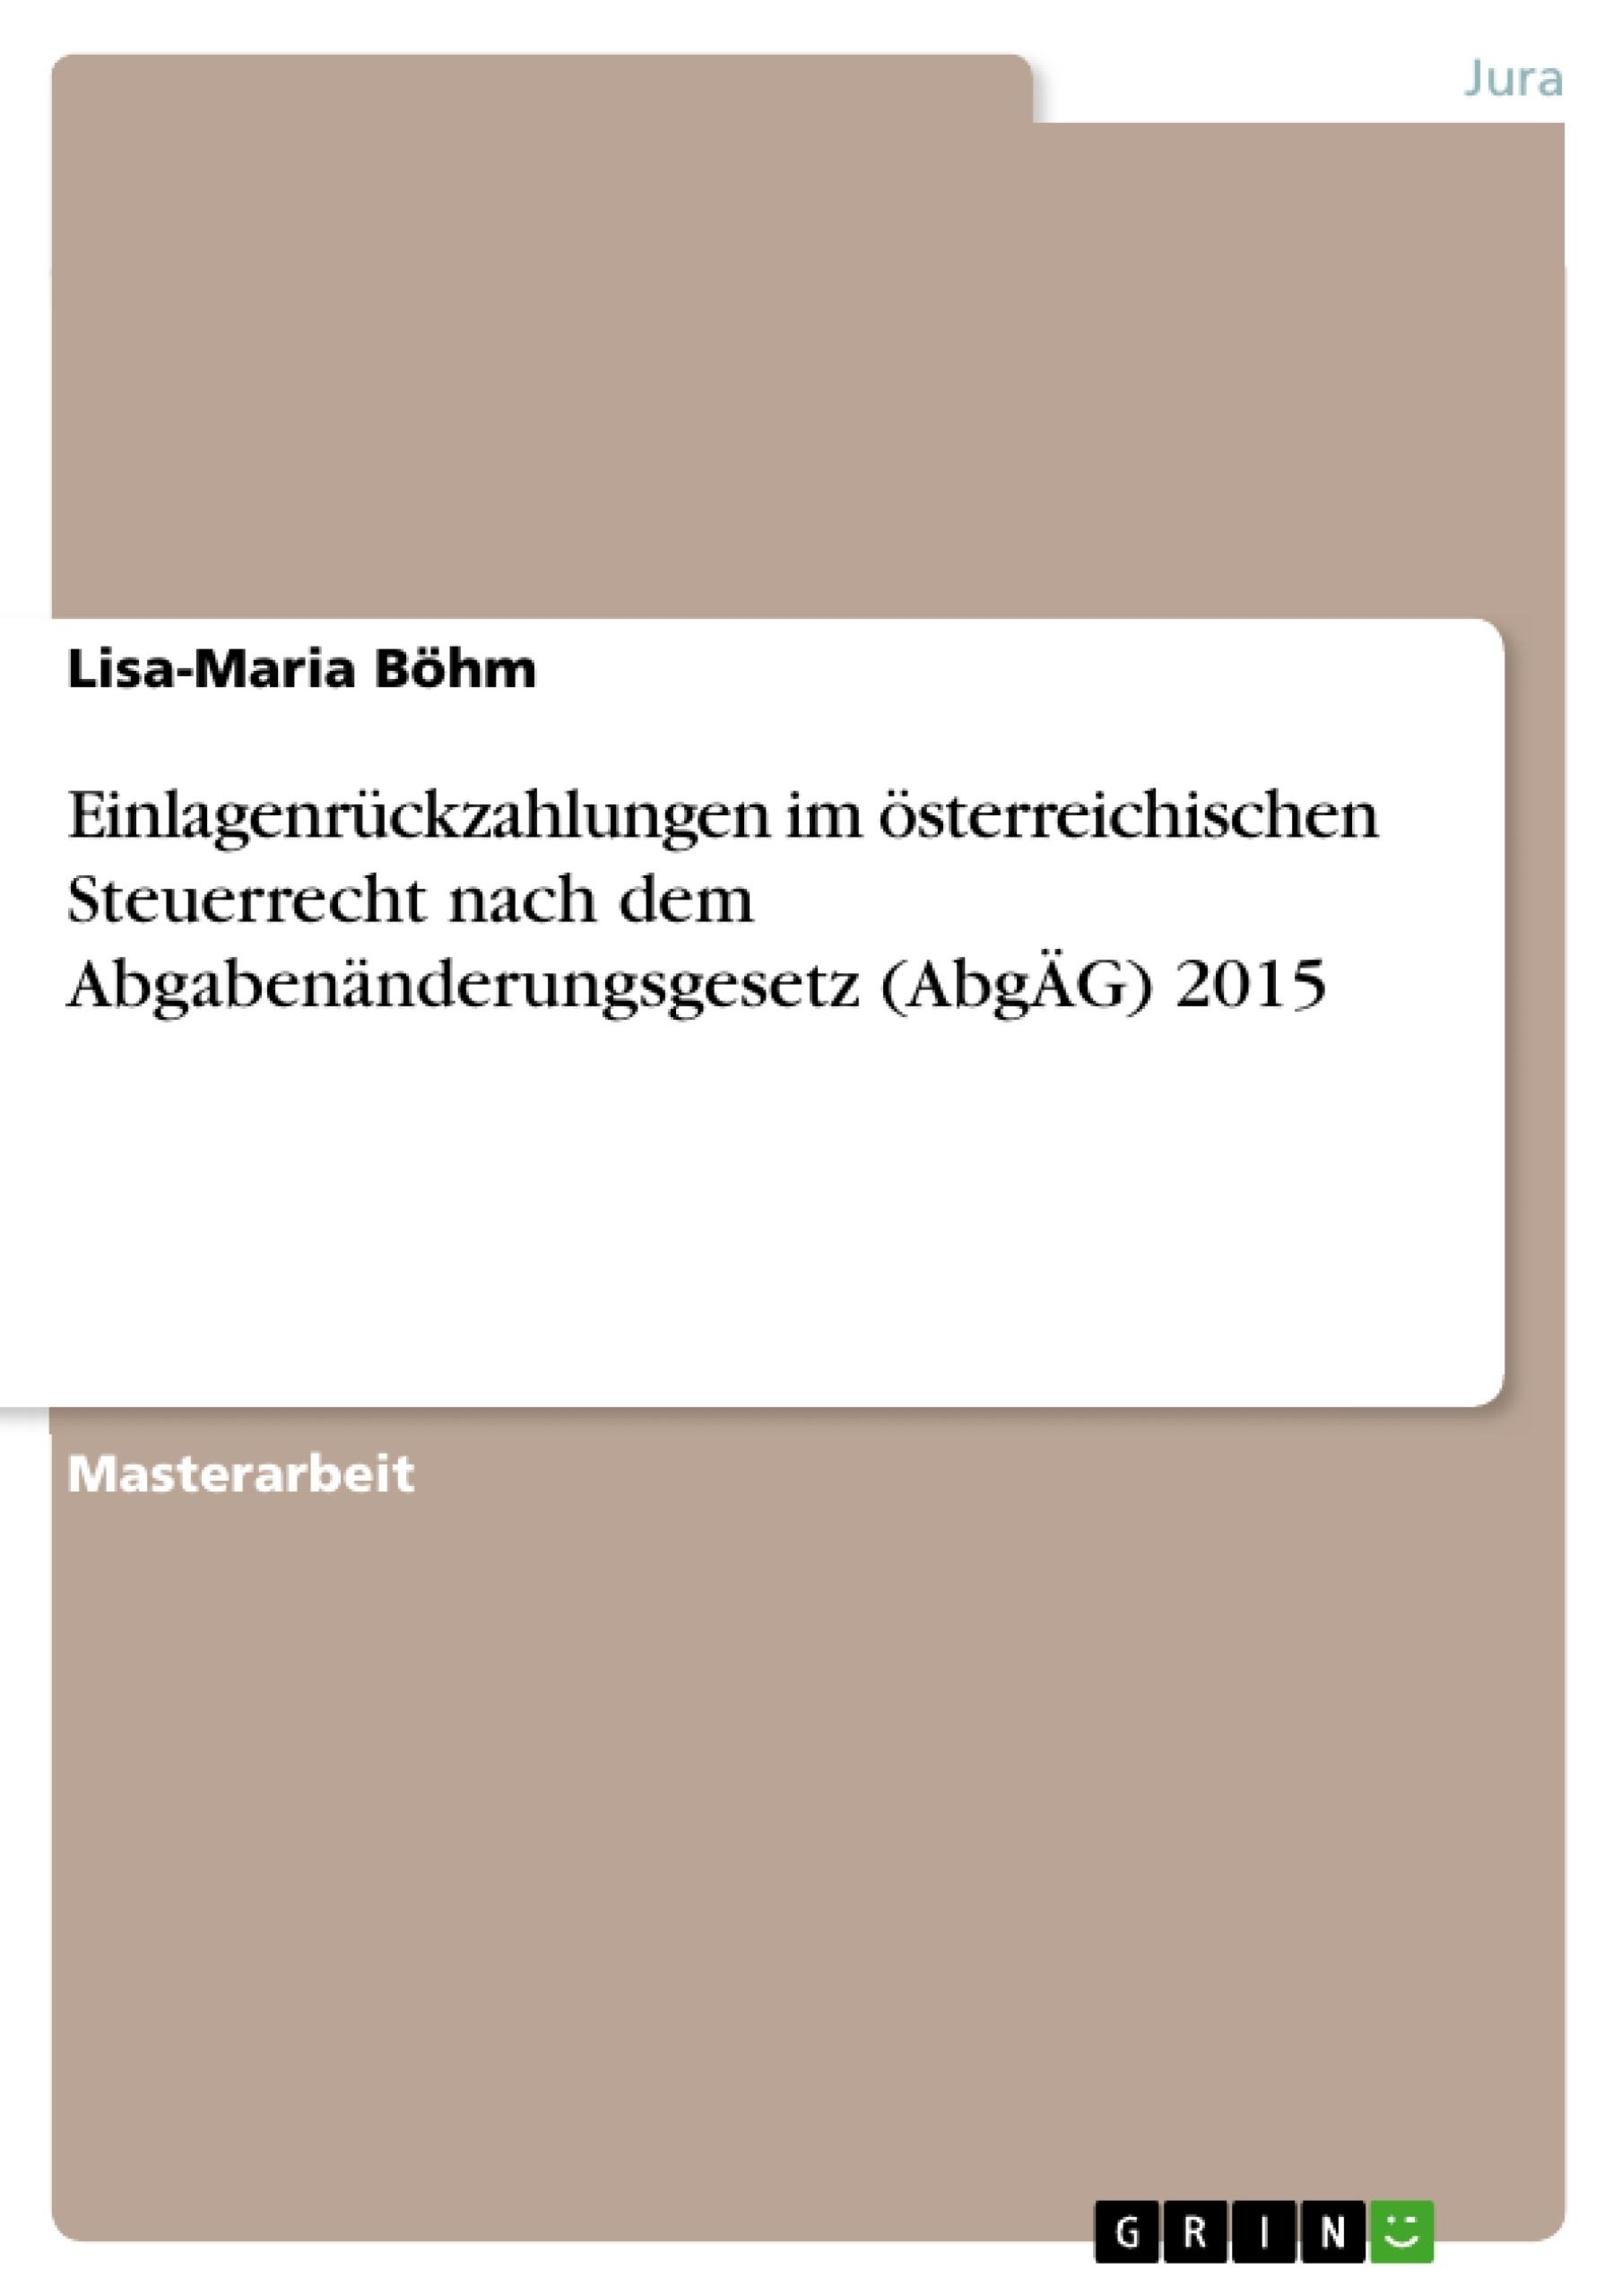 Titel: Einlagenrückzahlungen im österreichischen Steuerrecht nach dem Abgabenänderungsgesetz (AbgÄG) 2015